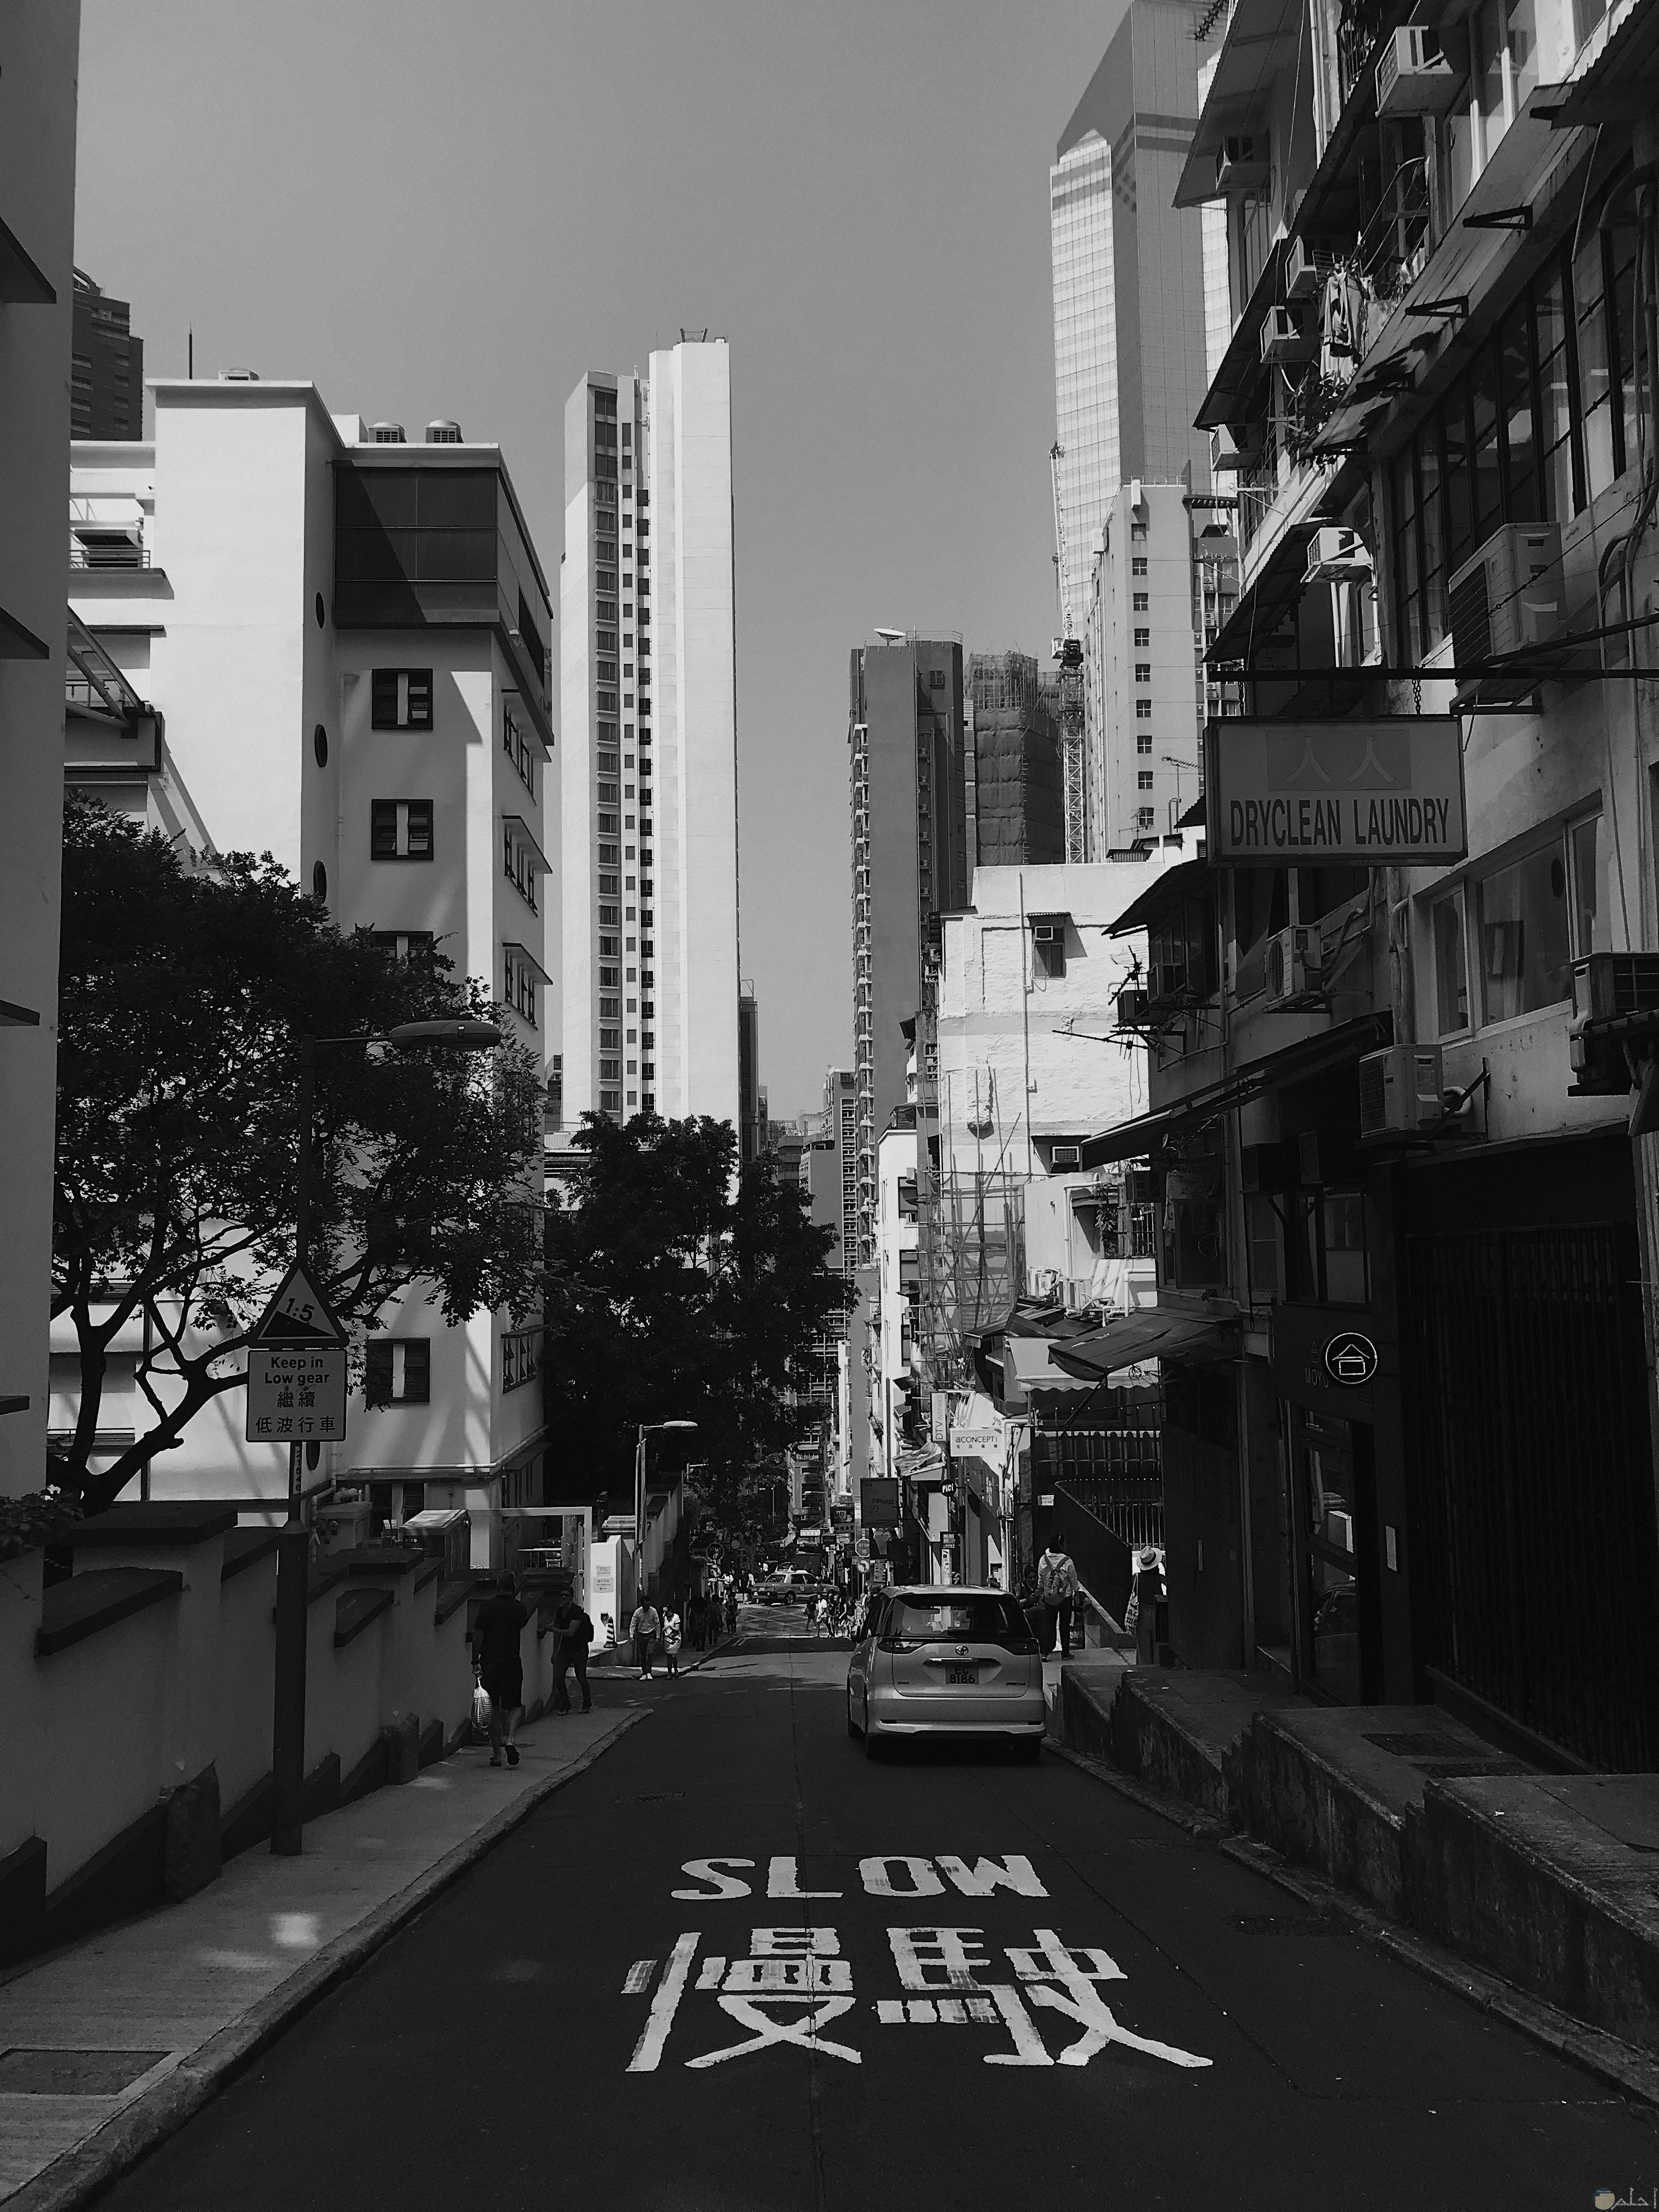 صور ثيمات للمباني والشوارع قديما